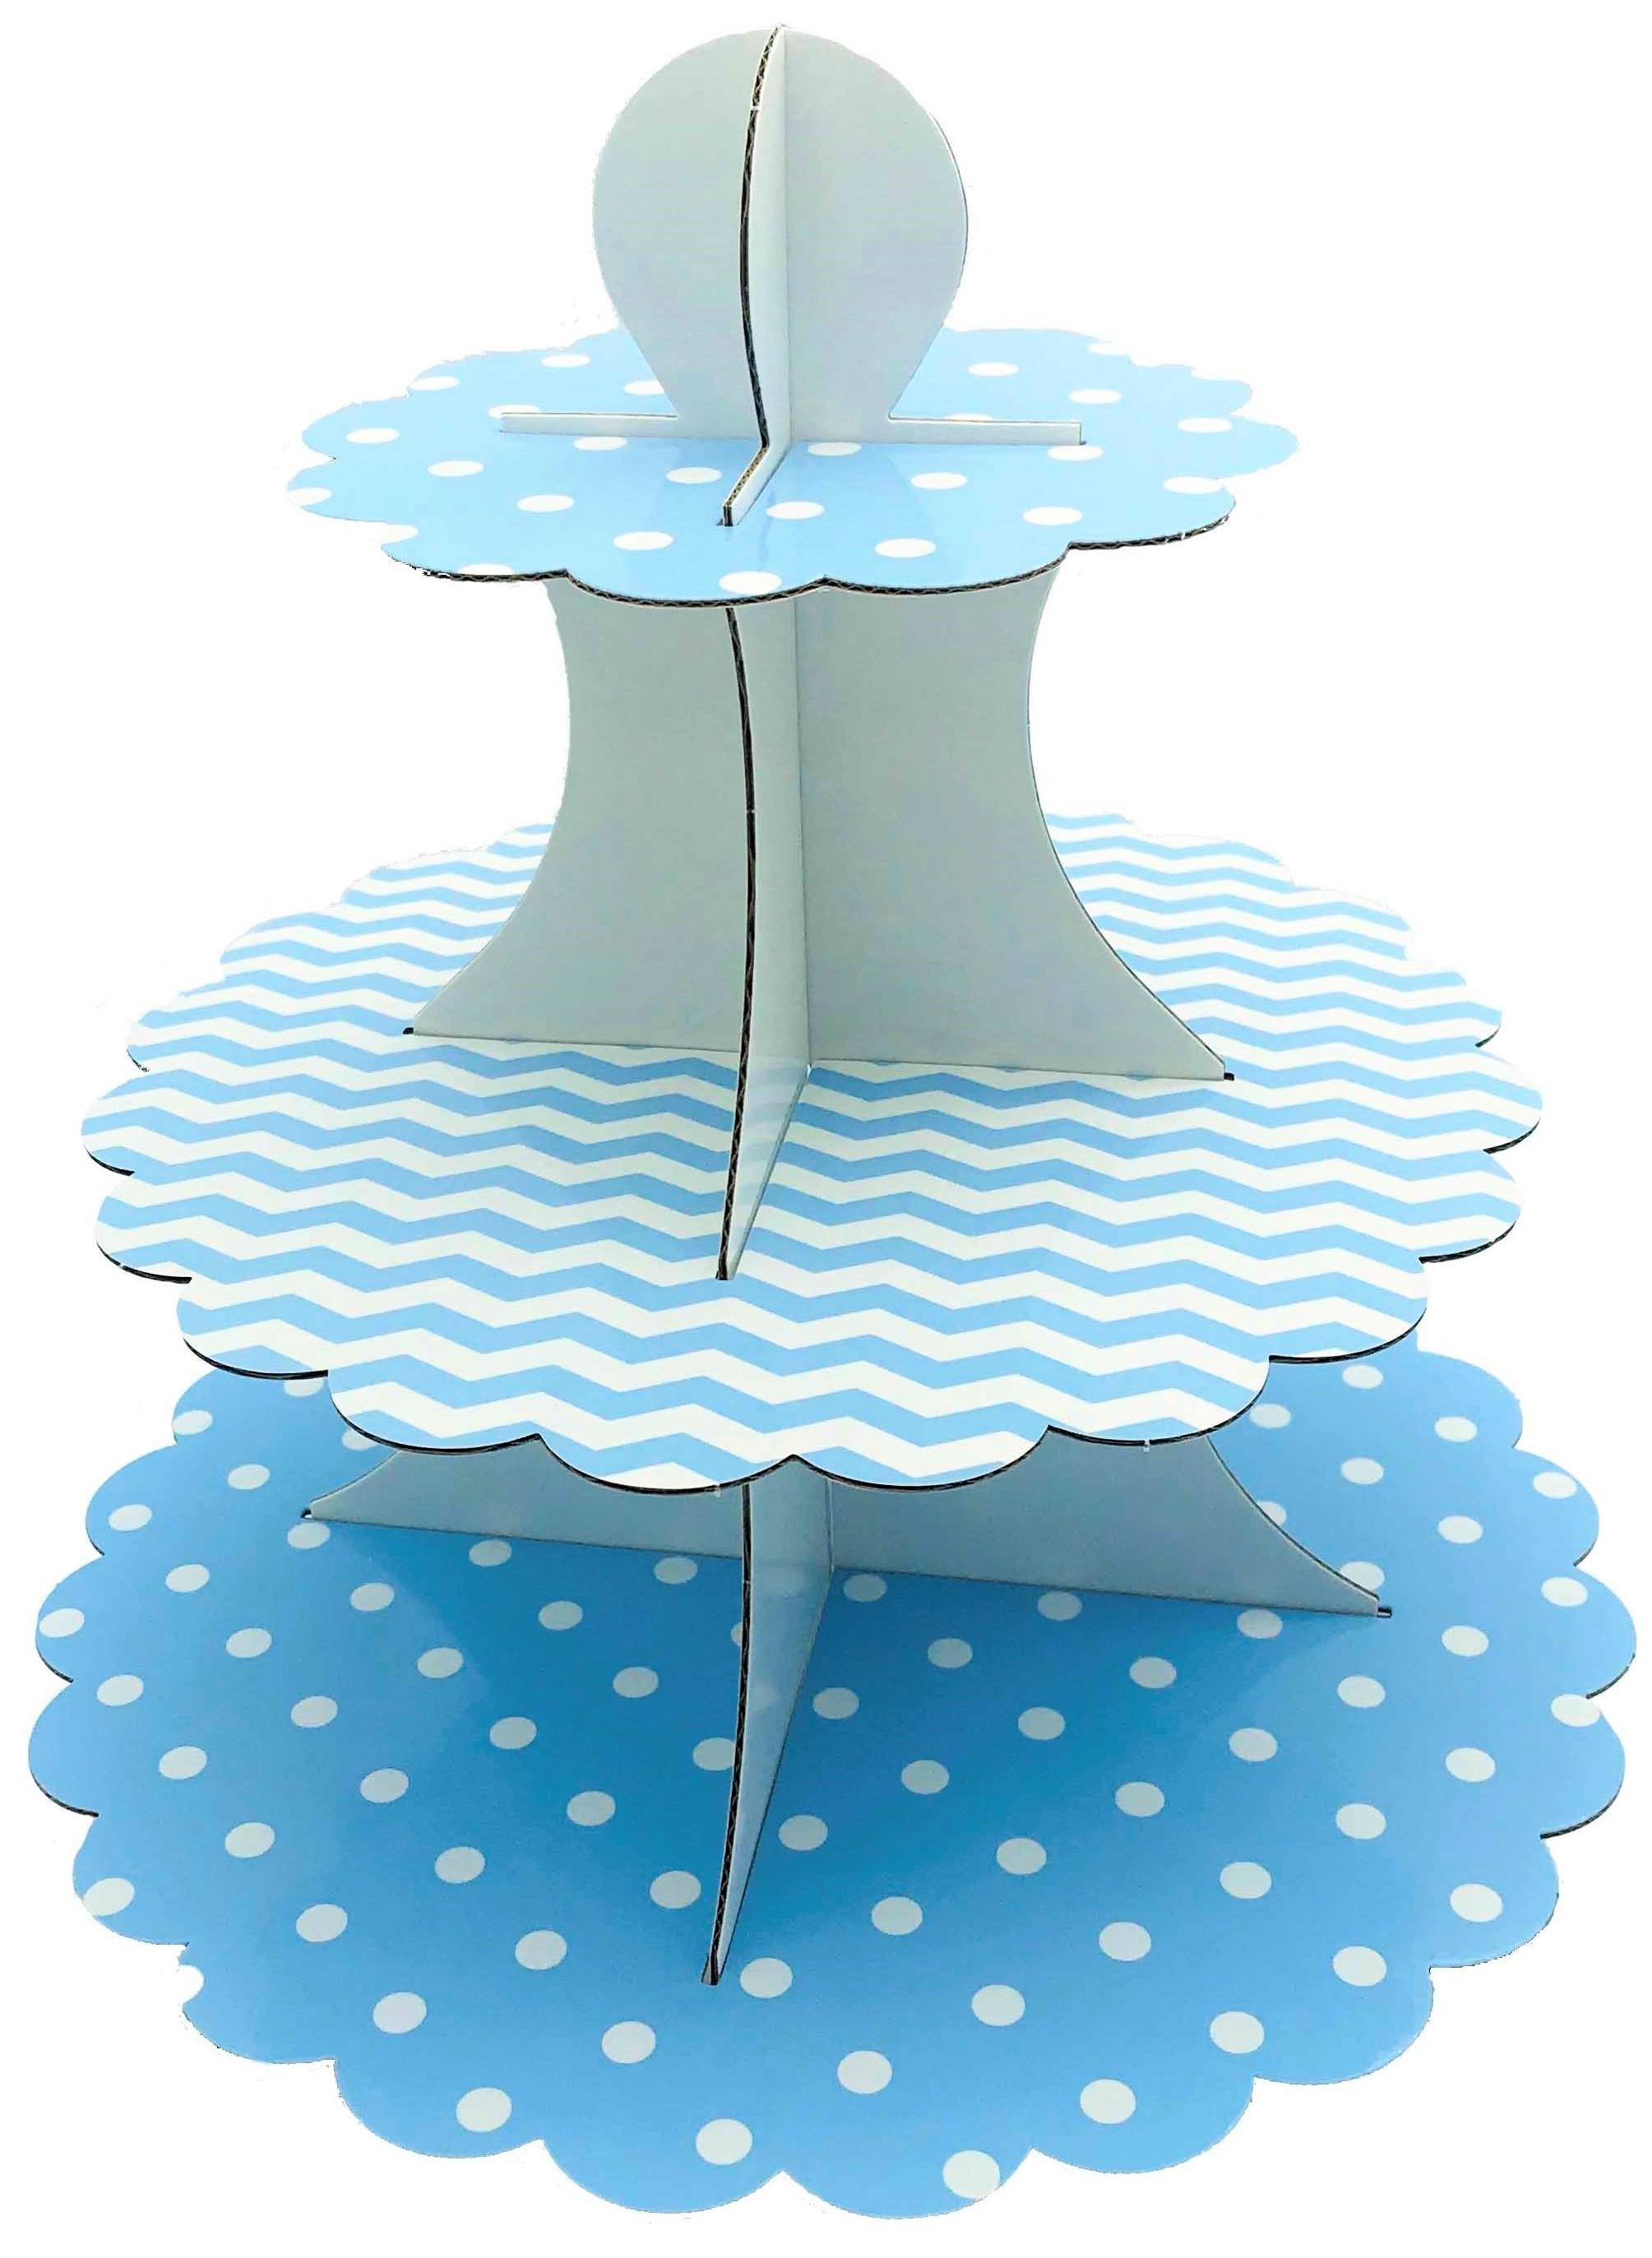 50403 Portadulces Modular de Cartón 3 Pisos Lunares Y Rayas Azul Pastel Reversible Image